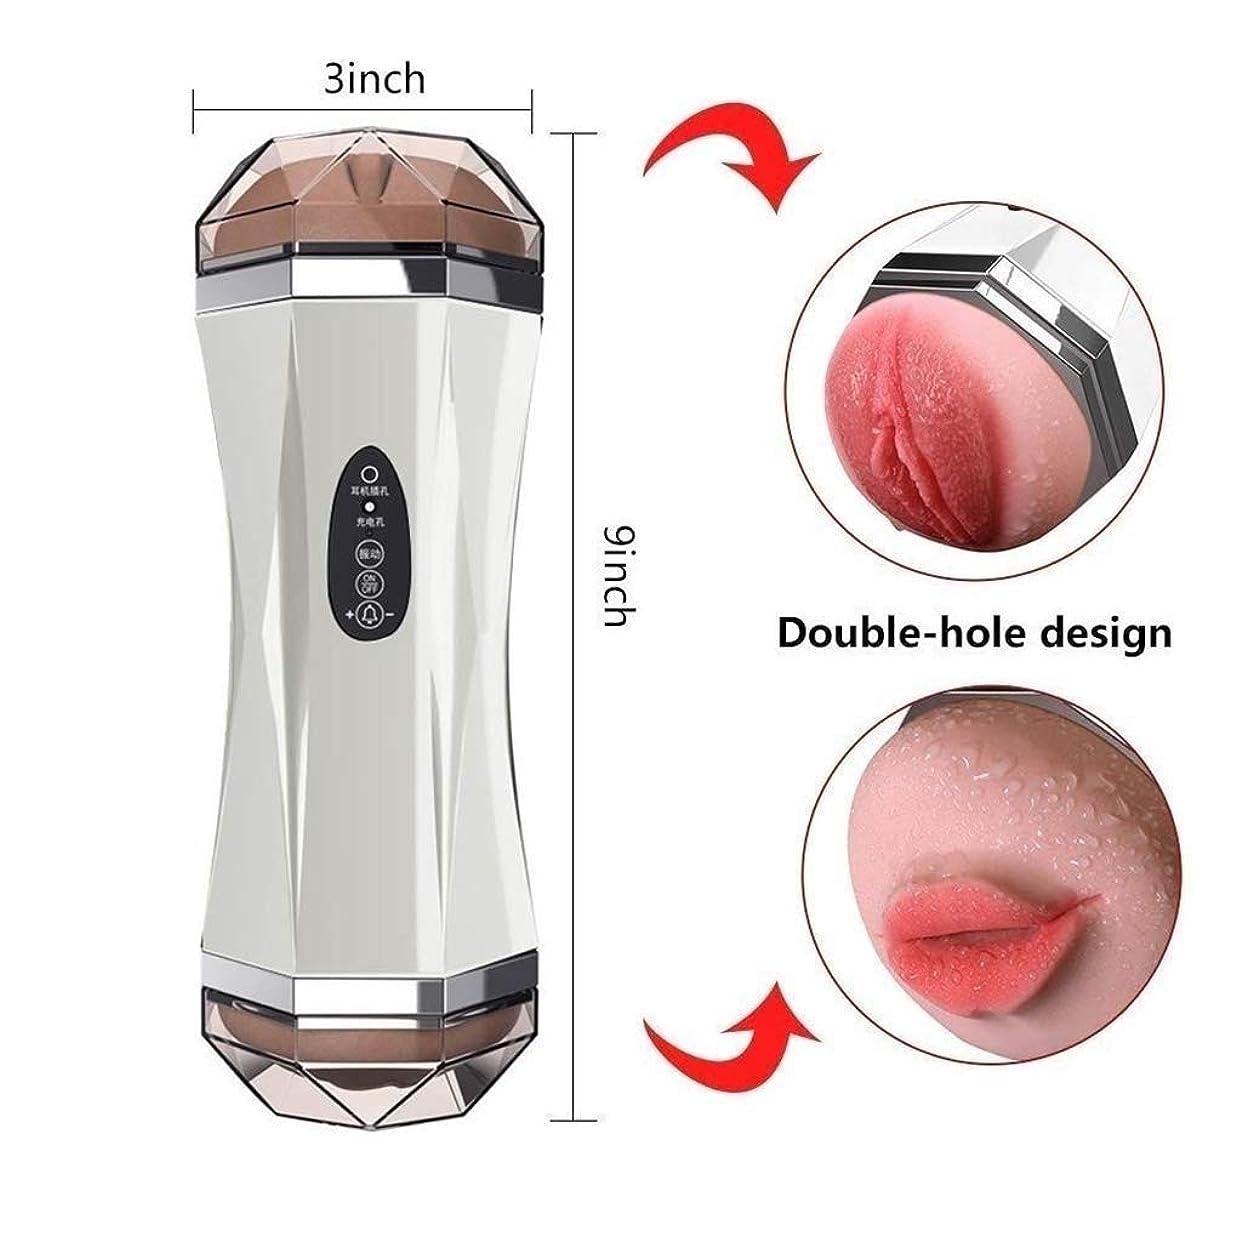 プライベート梱包を充電8周波数Virbation男性ディープスロート実吸いカップマッサージおもちゃのUsb